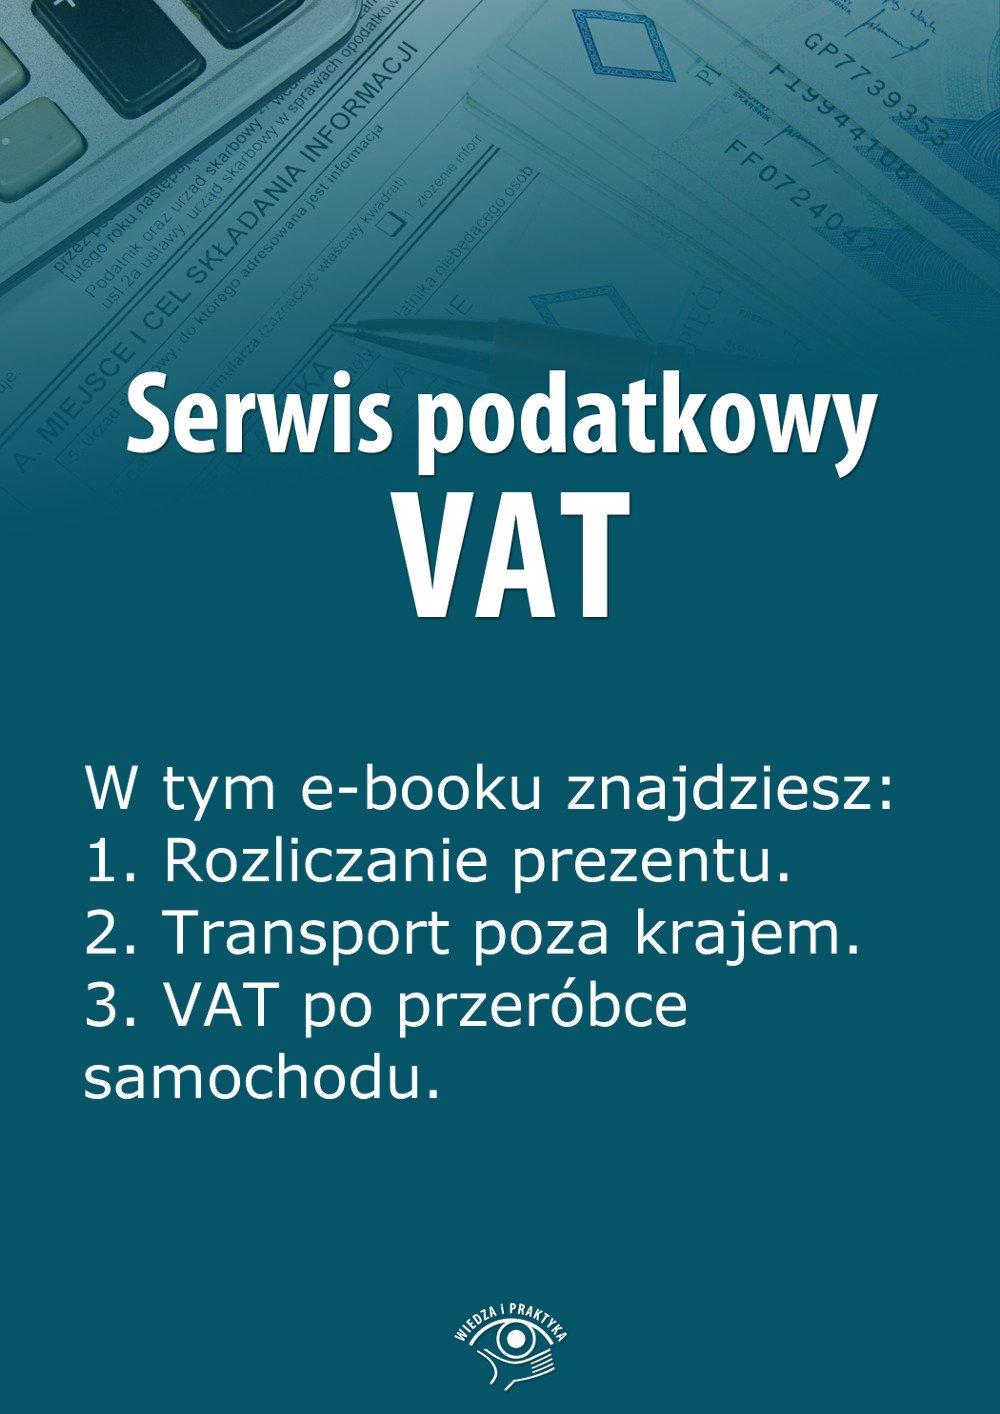 Serwis podatkowy VAT. Wydanie styczeń 2014 r. - Ebook (Książka EPUB) do pobrania w formacie EPUB